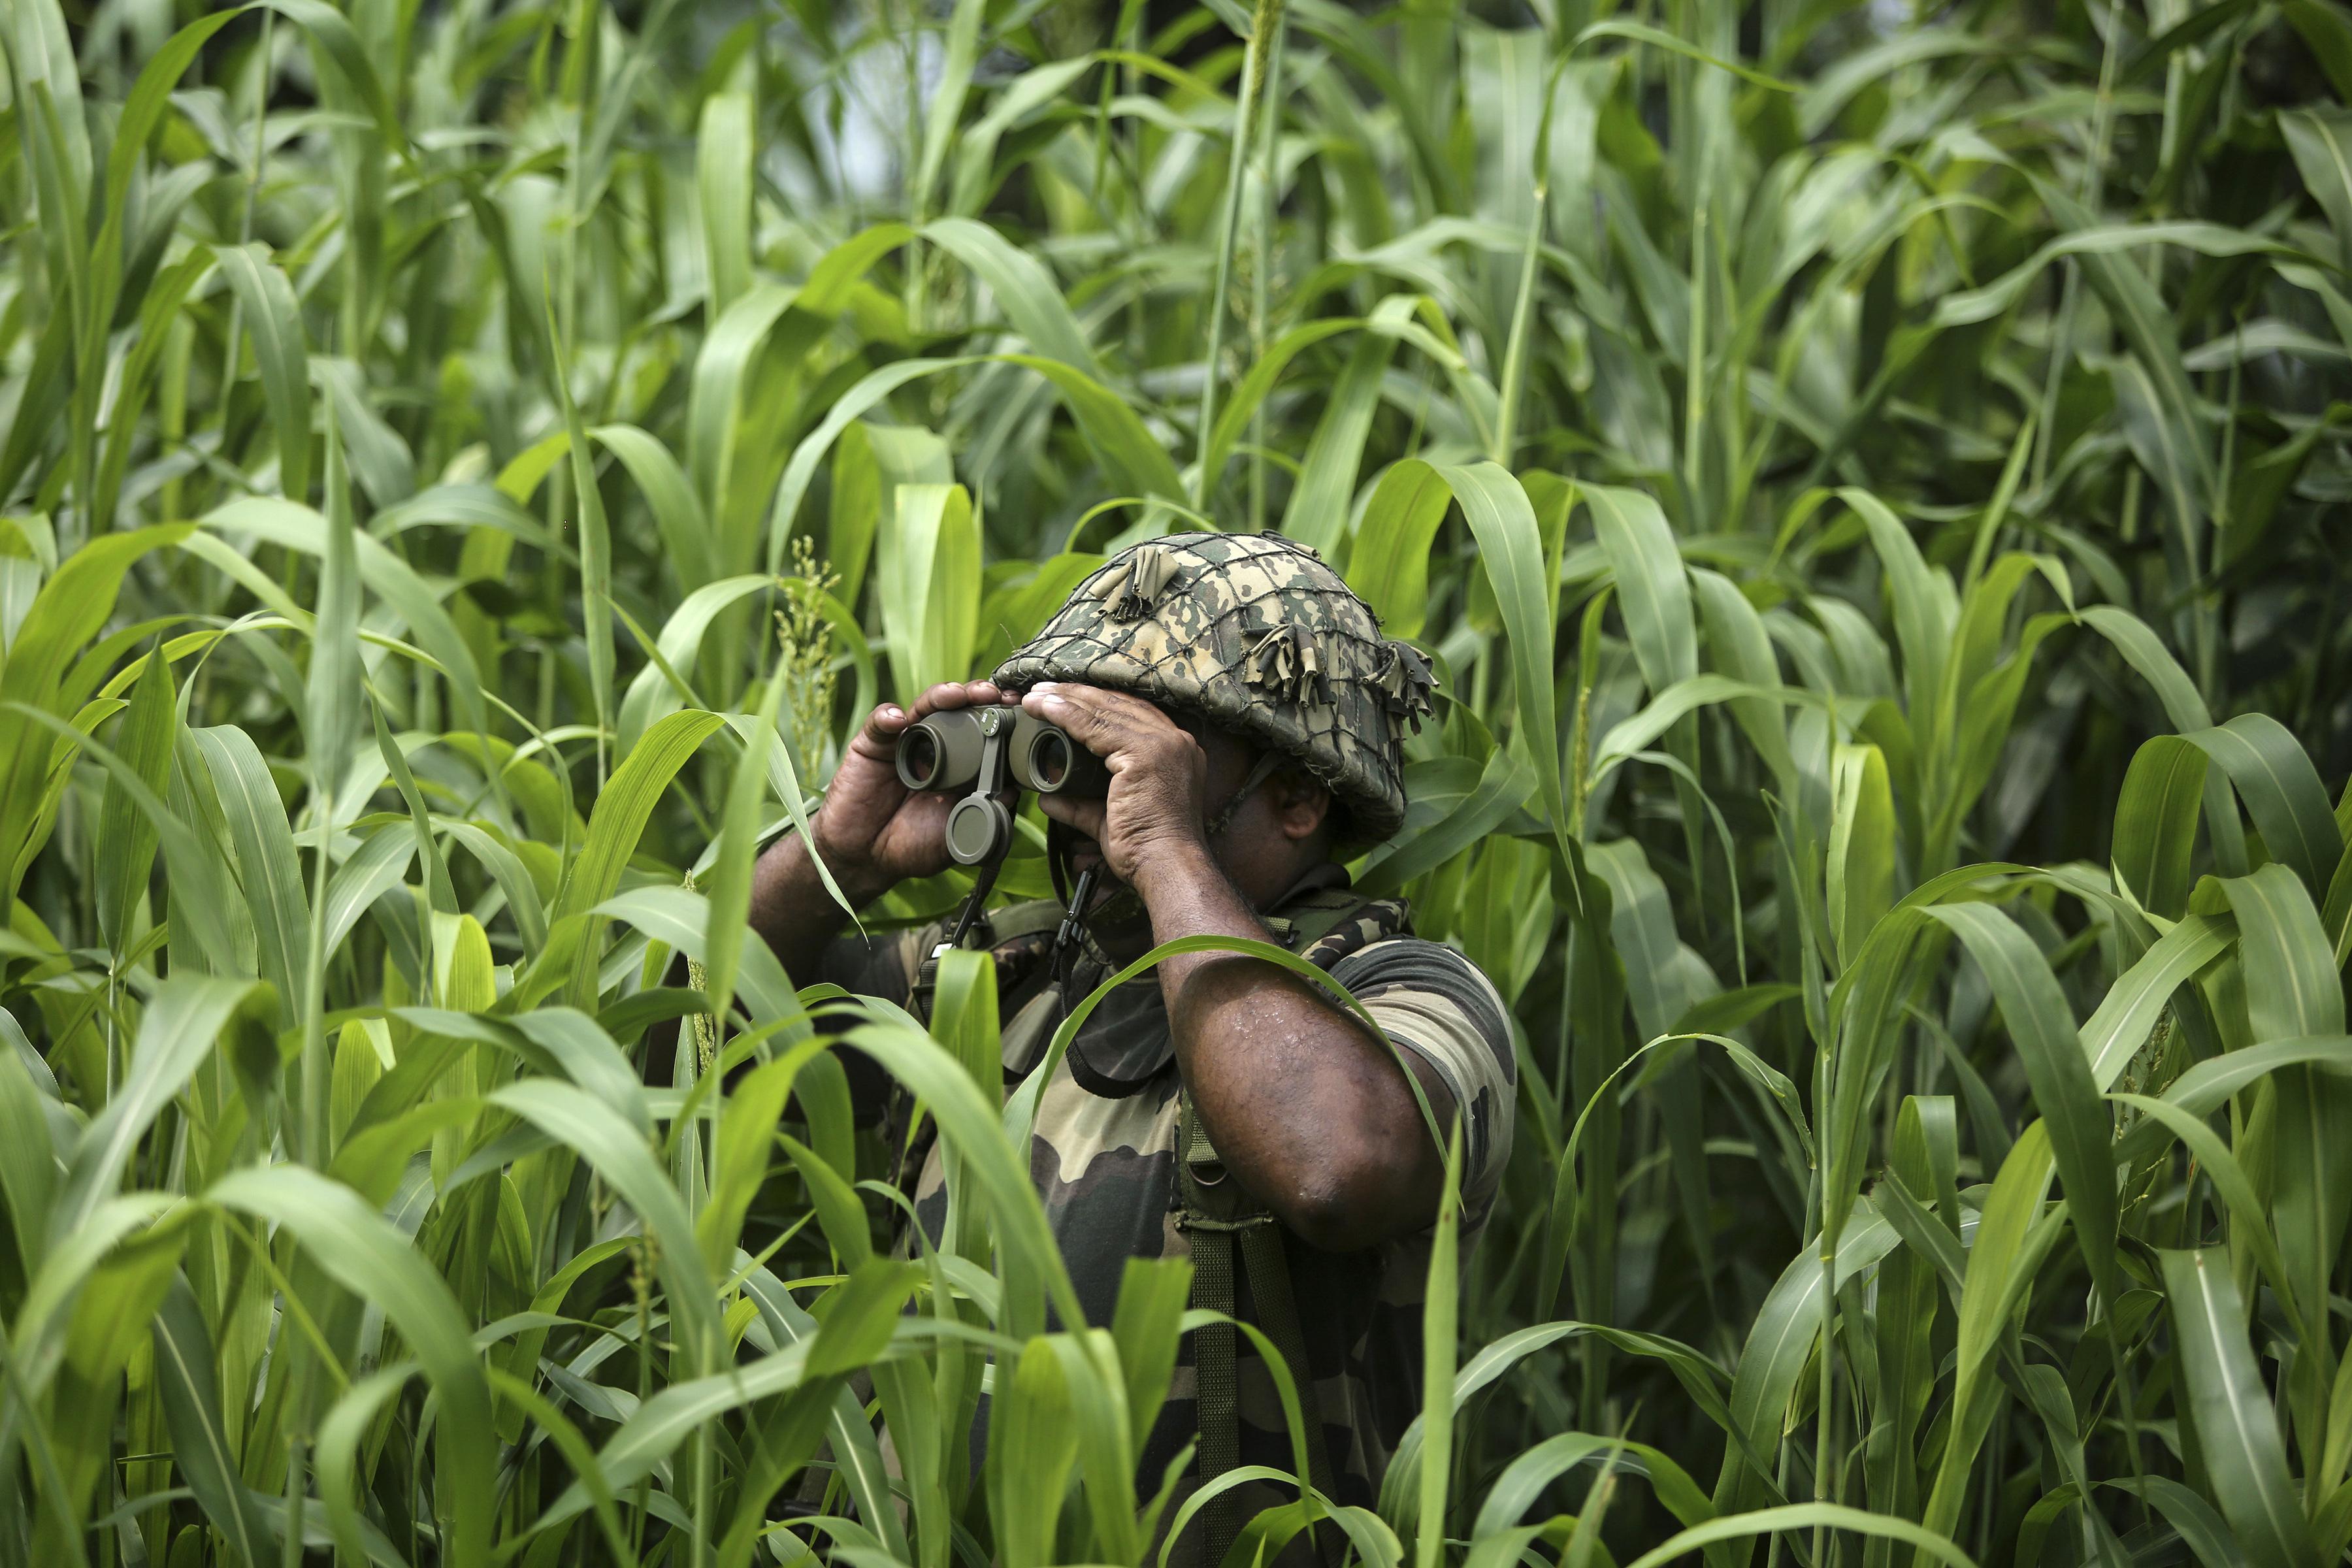 Un soldado de la Fuerza de Seguridad Fronteriza de la India (BSF) vigila cerca de la frontera entre India y Pakistán en Garkhal en Akhnoor, a unos 35 kilómetros (22 millas) al oeste de Jammu, India, el 13 de agosto de 2019. (Foto AP / Channi Anand)